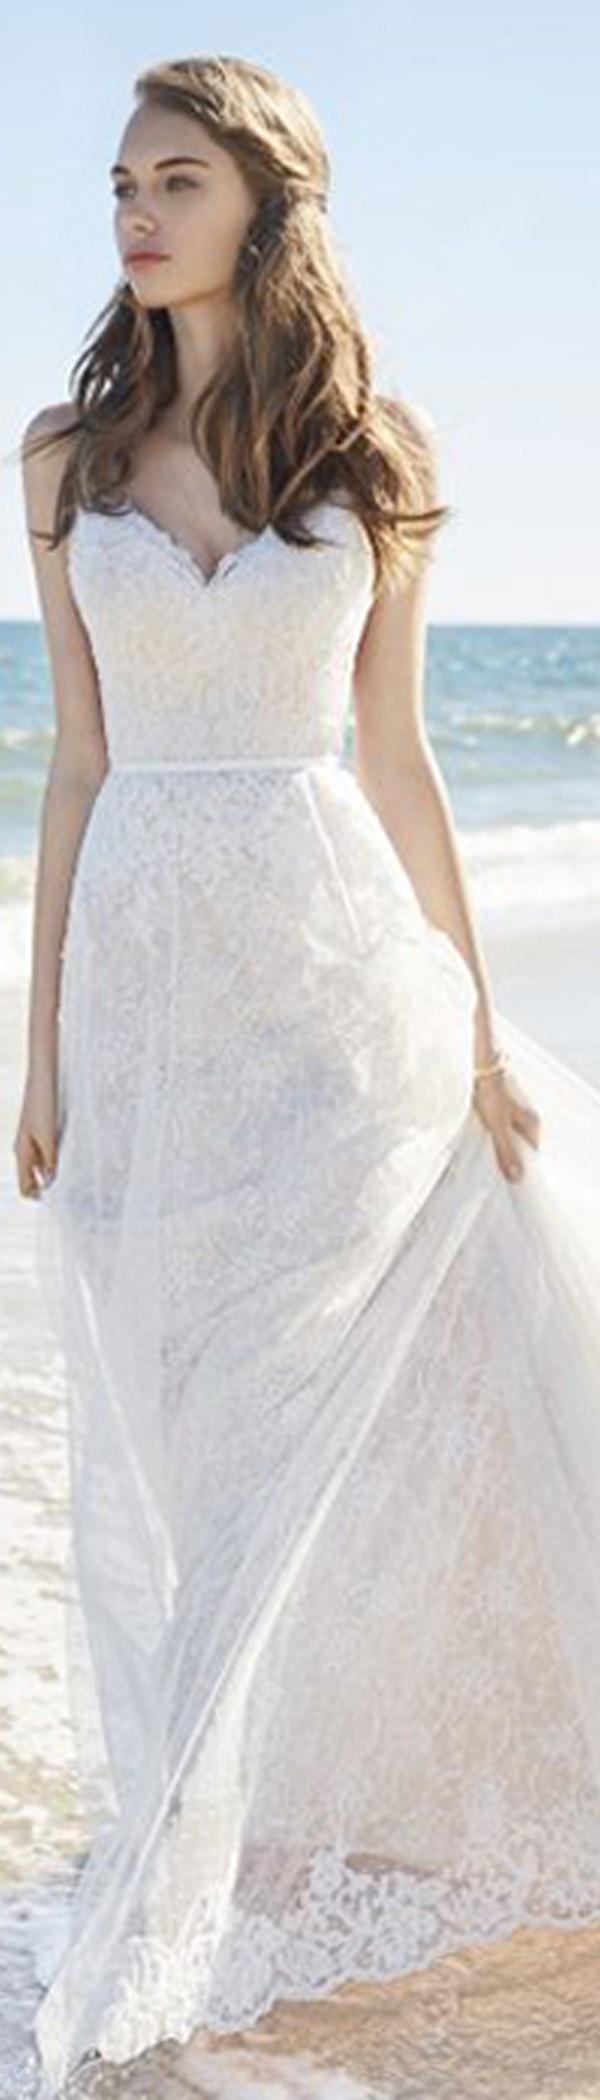 Lace spaghetti strap wedding dress  Amazing Polka Dot Tulle u Lace Spaghetti Straps ALine Wedding